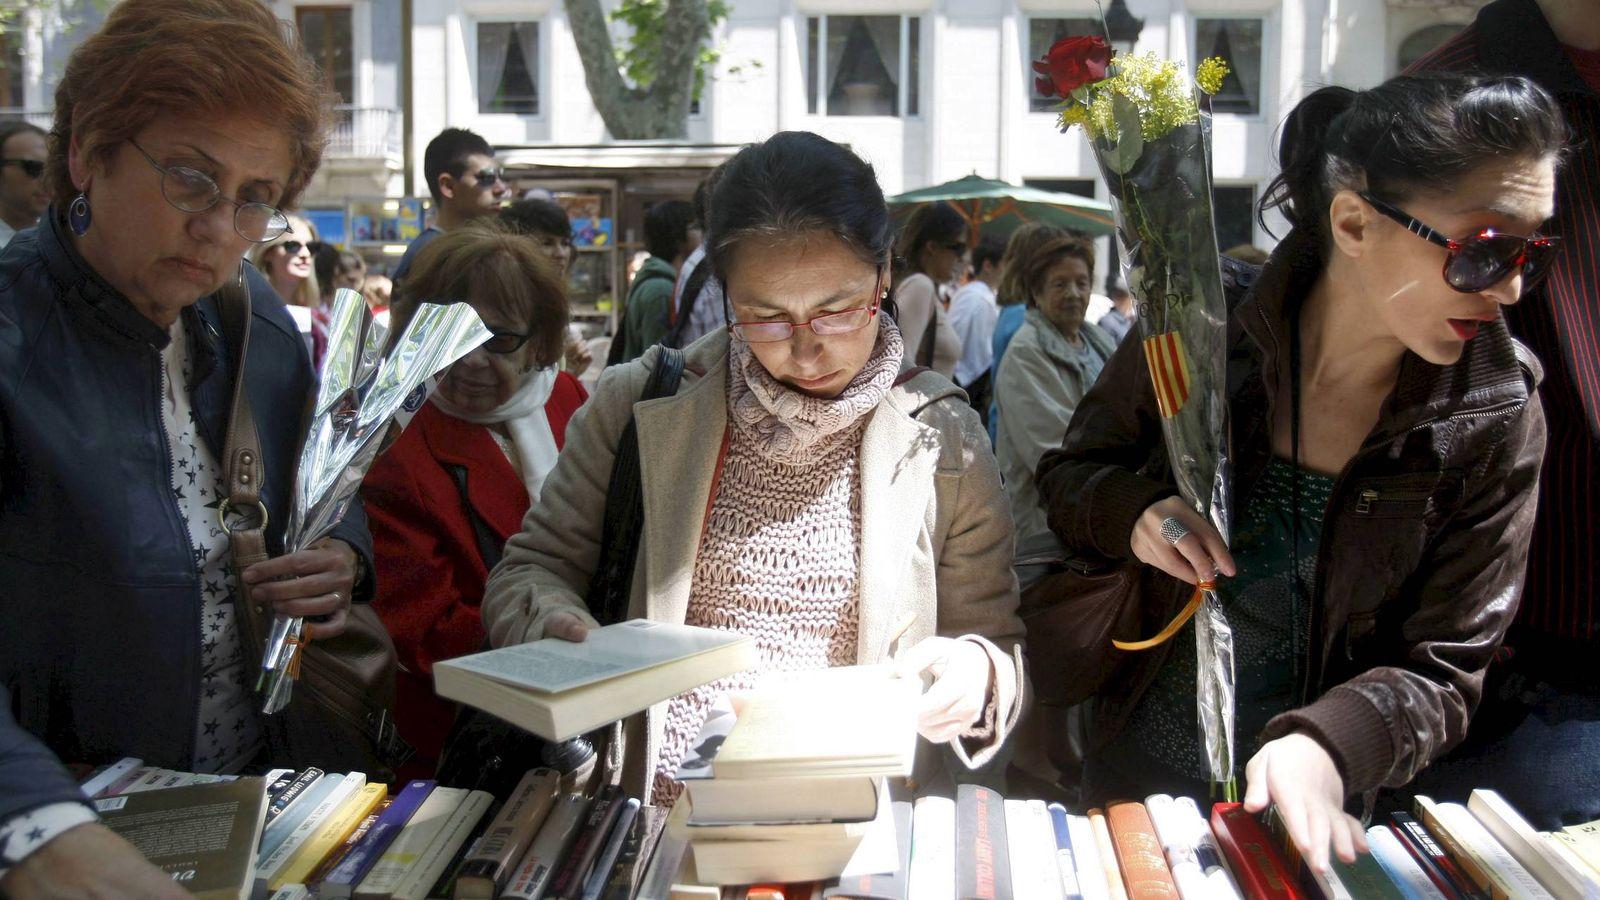 Foto: Un grupo de mujere observa libros en Barcelona durante la festividad de Sant Jordi. (EFE)